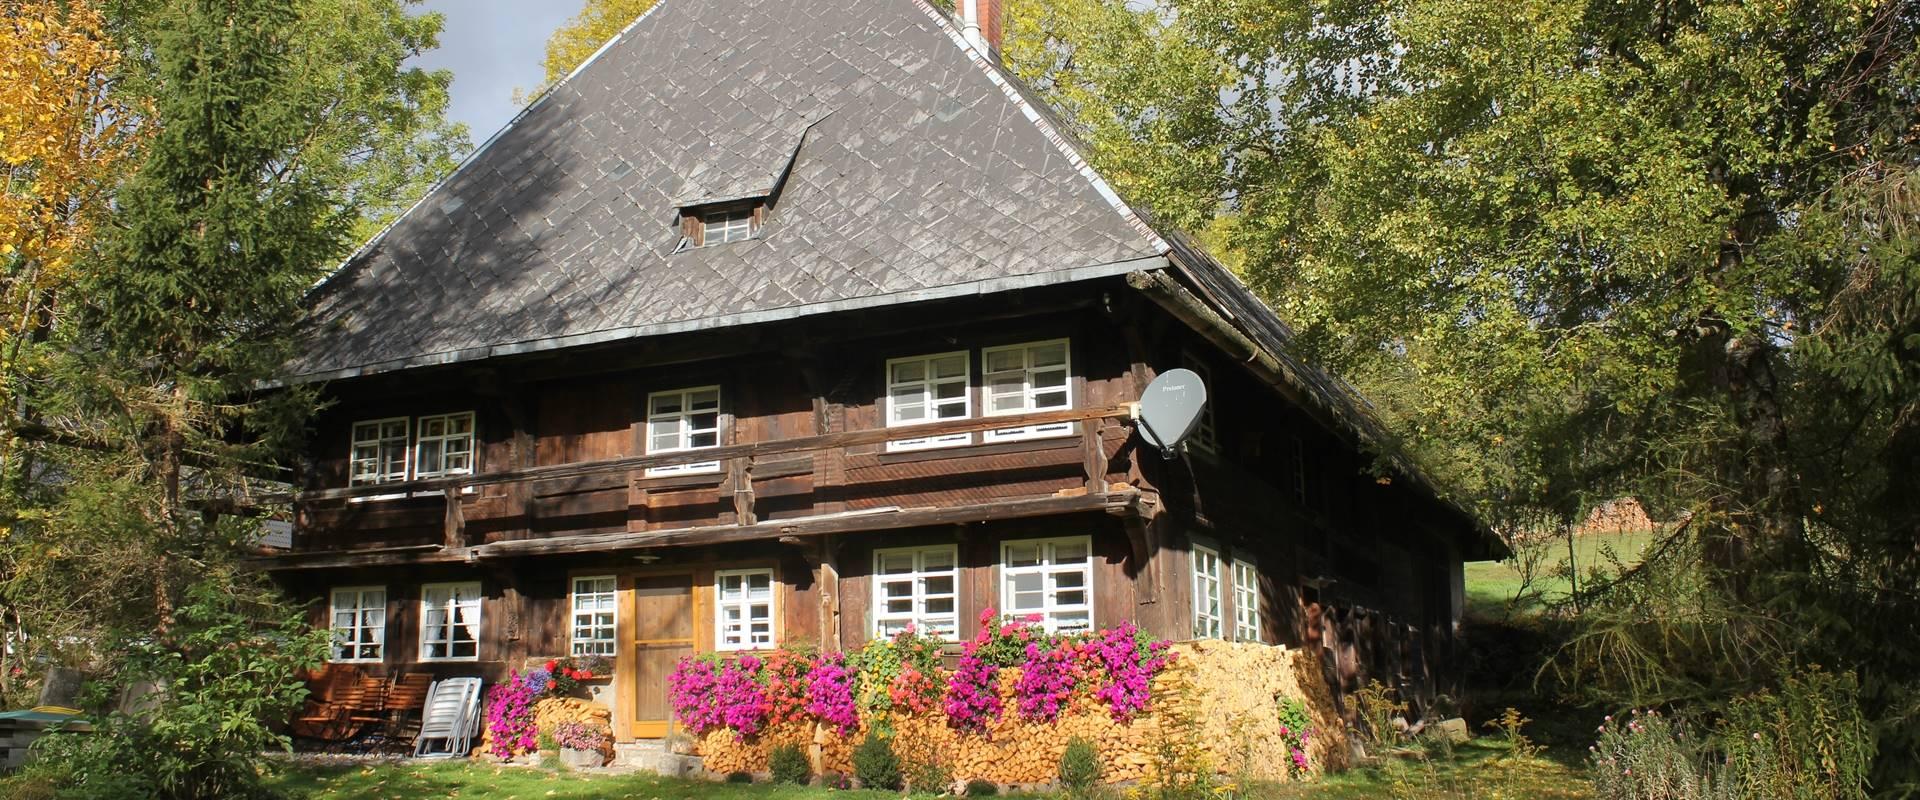 Ferienhaus mit Blumenschmuck im Sommer / Griesbachhof-Schwarzwald